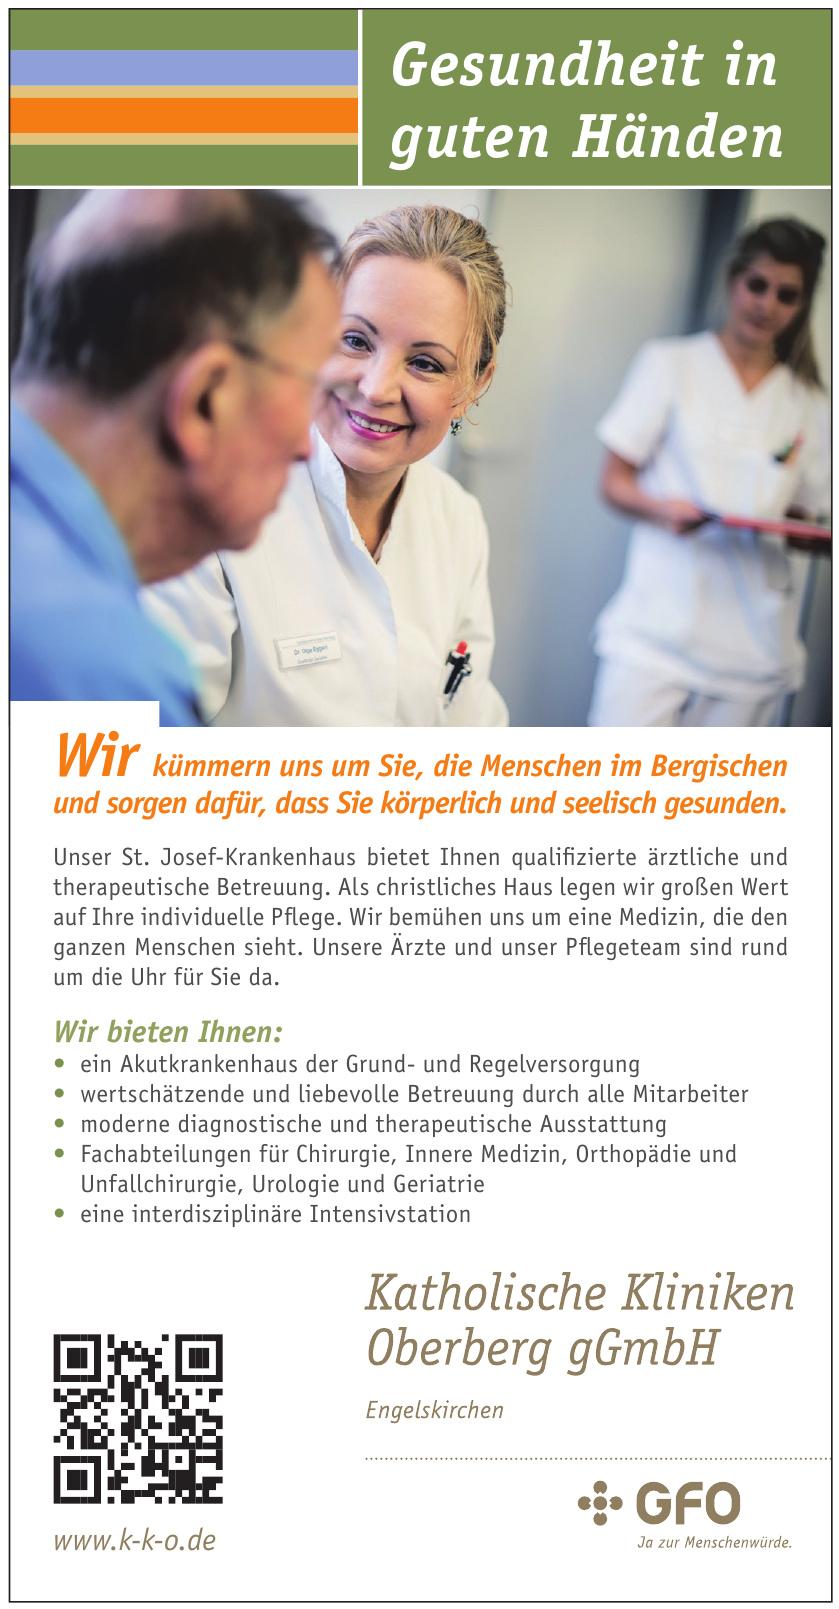 GFO Katholische Kliniken Oberberg gGmbH